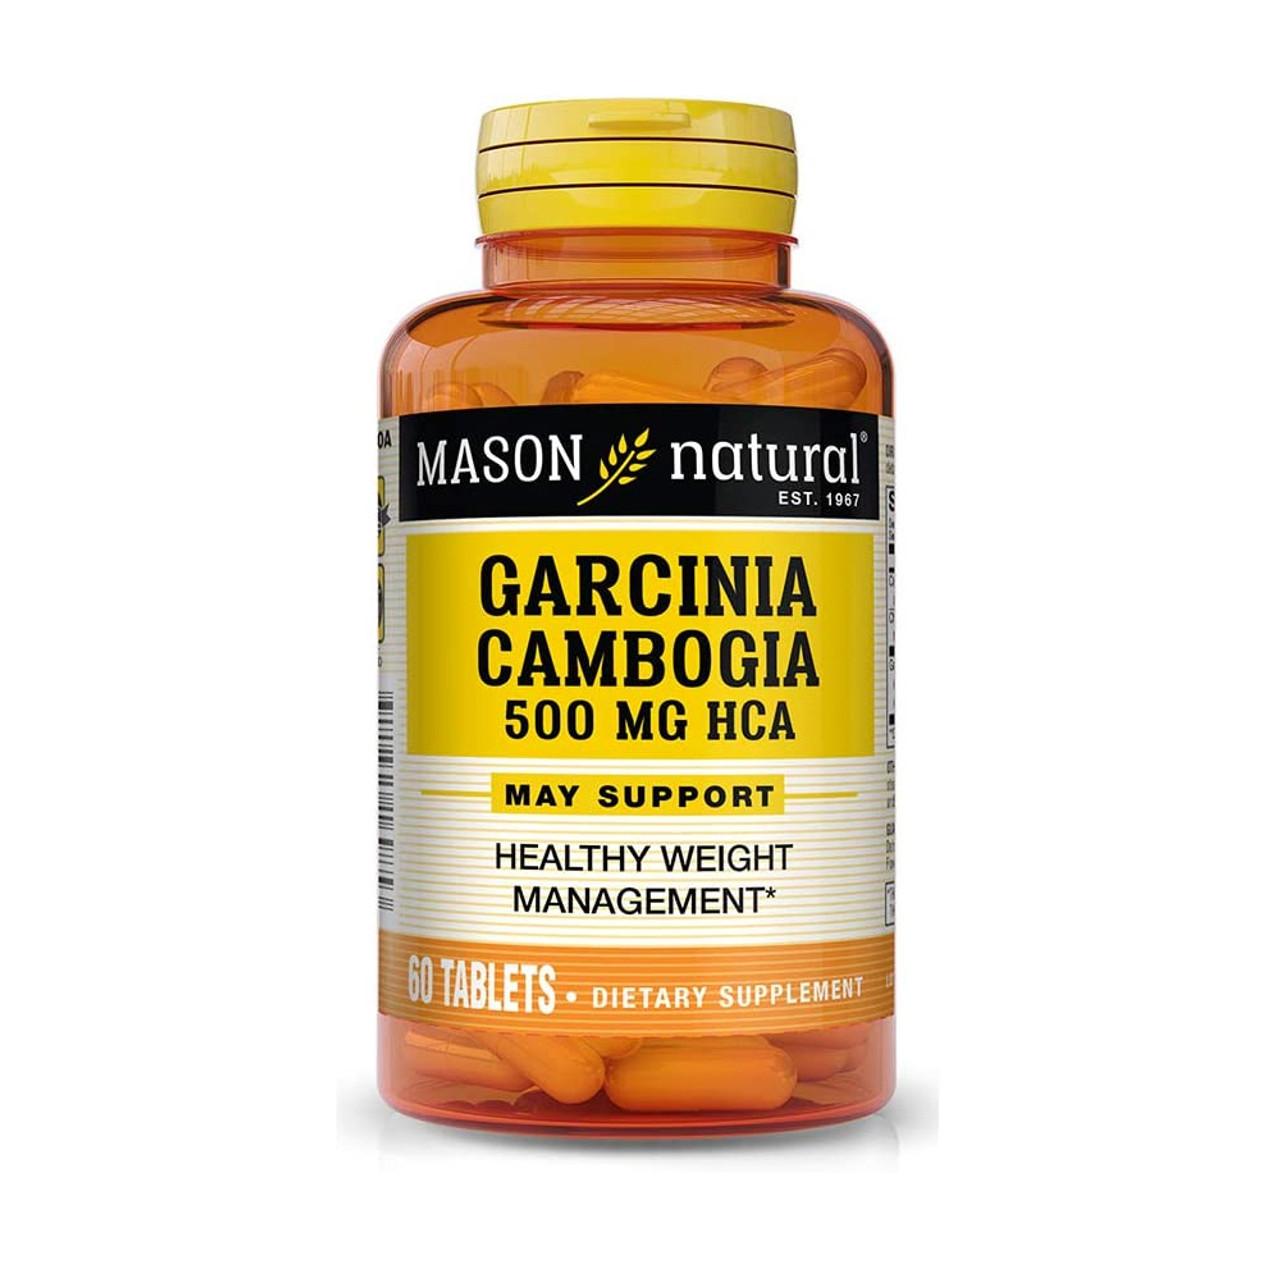 Mason Natural Garcinia Cambogia 500 Mg Tablets 60 Tablets The